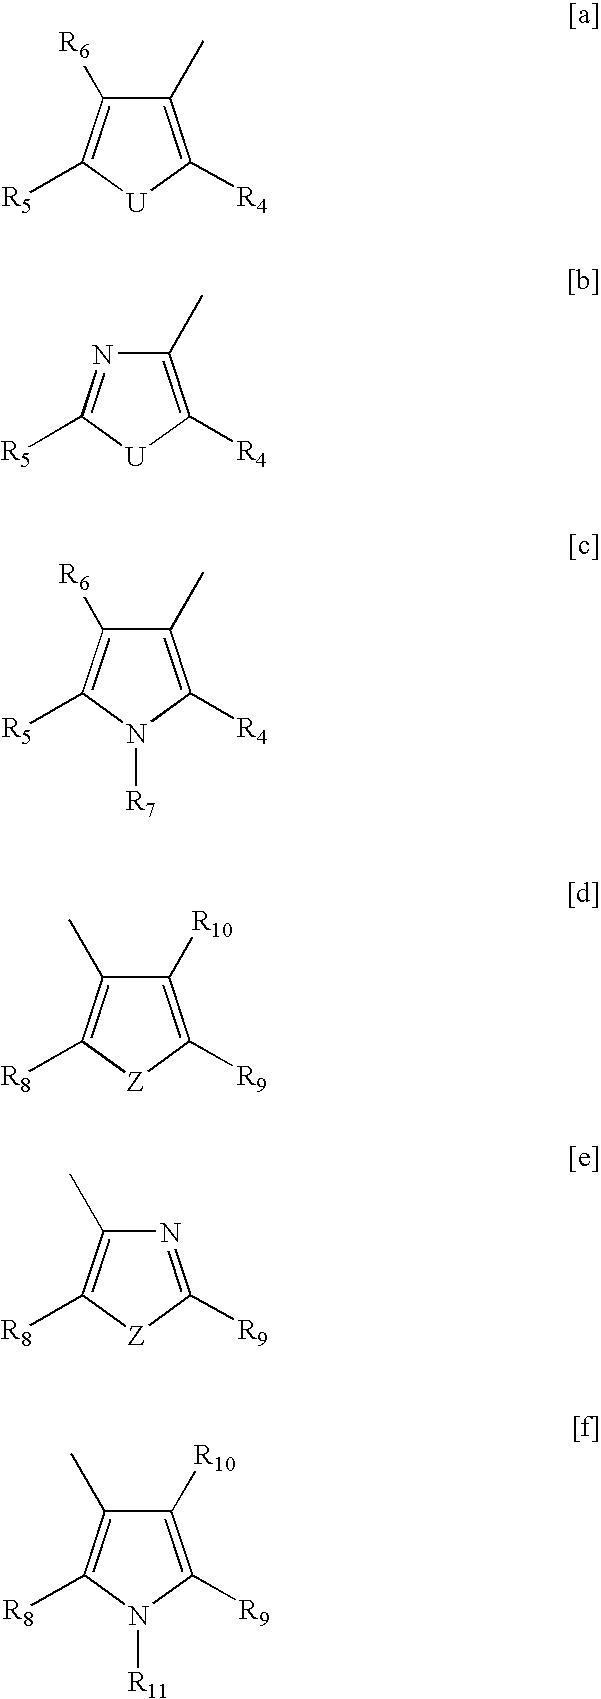 Figure US07645558-20100112-C00018